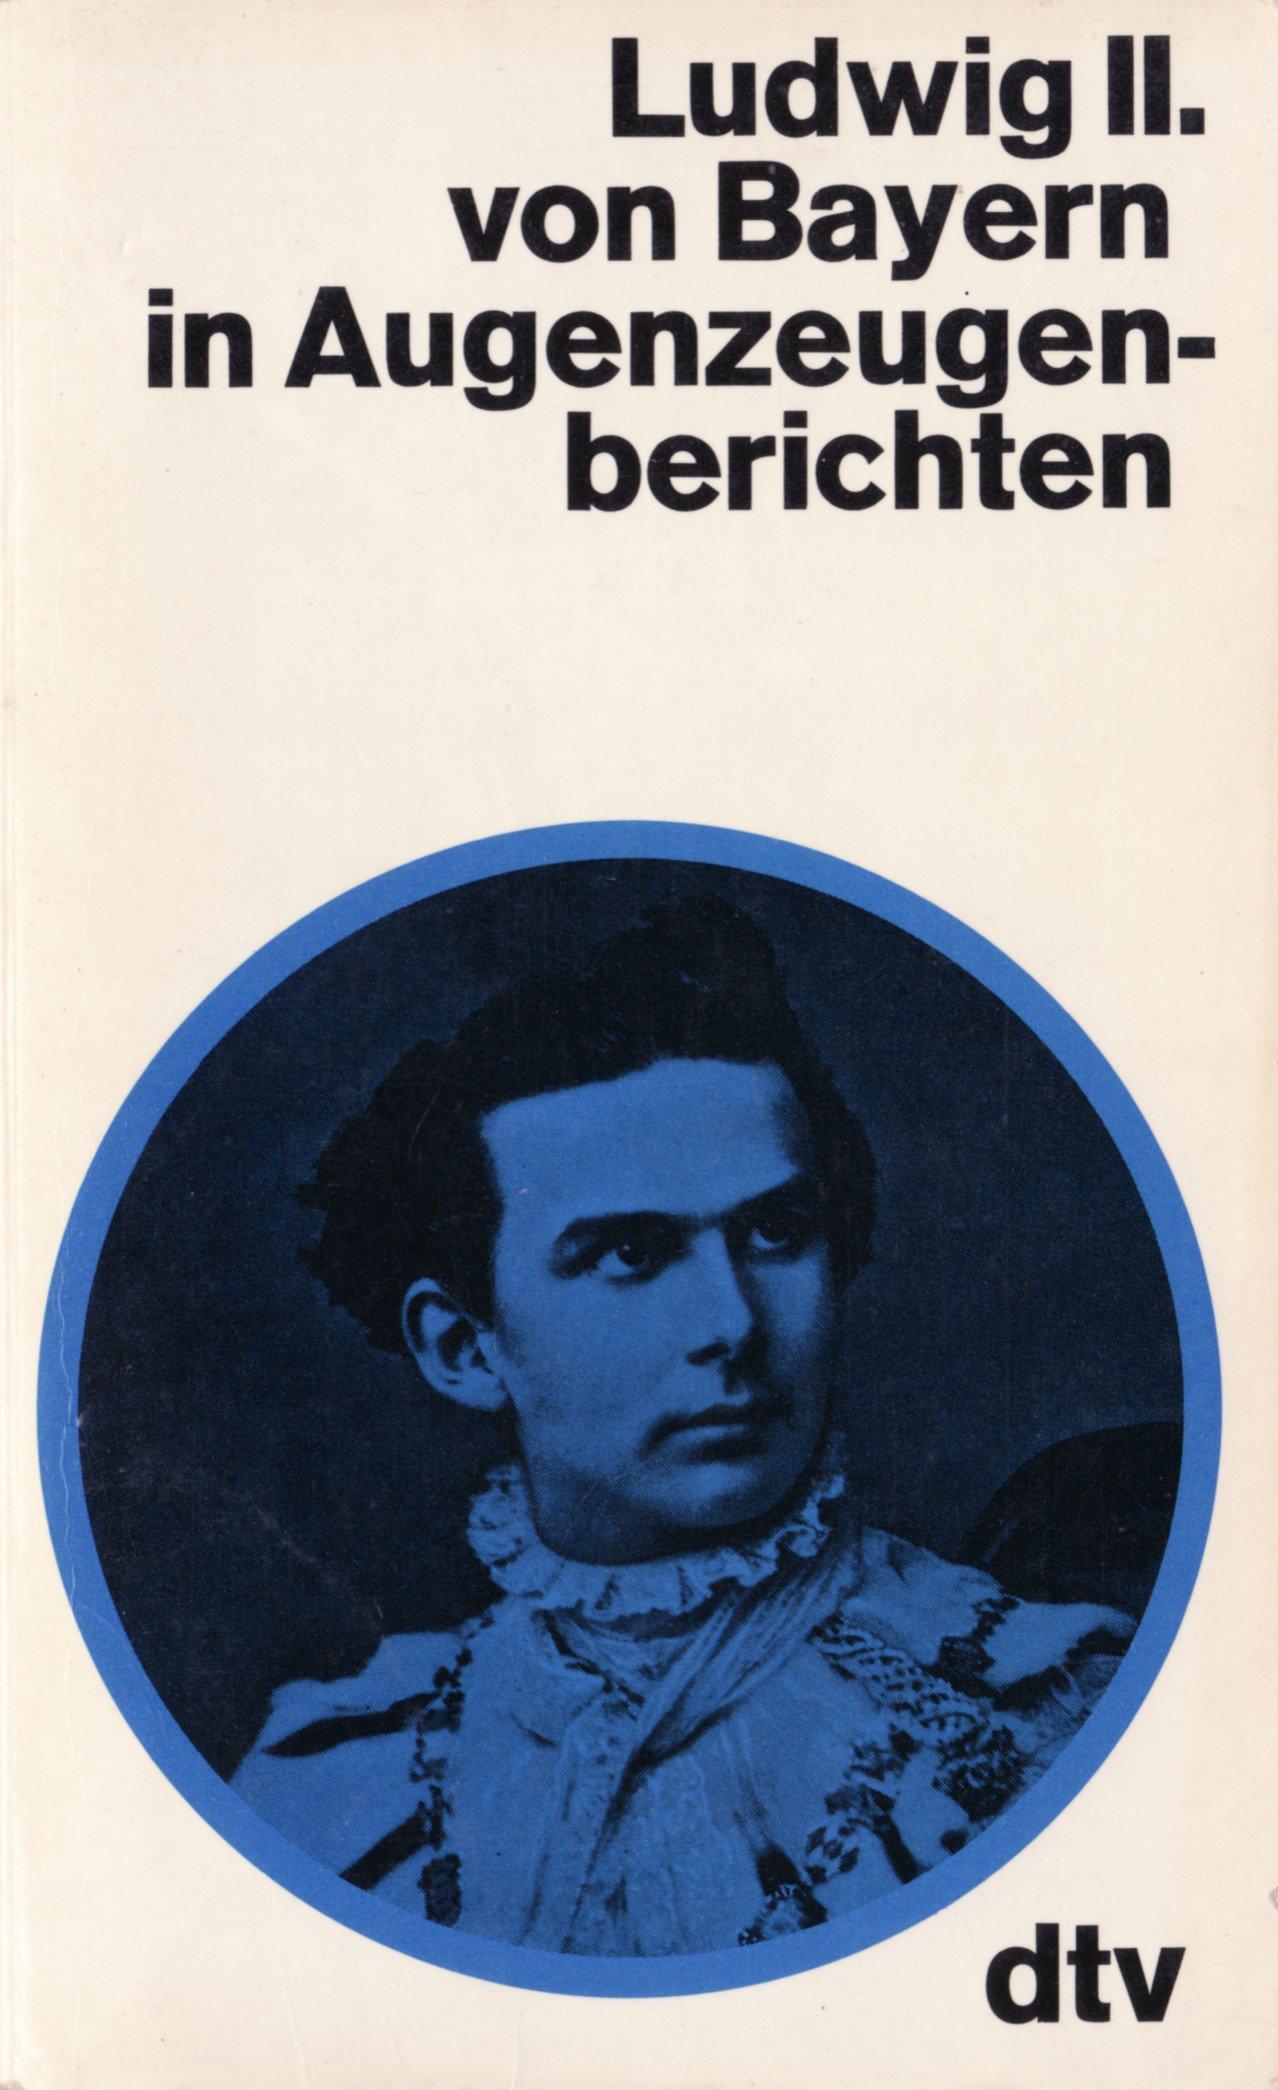 Ludwig II. von Bayern in Augenzeugenberichten.